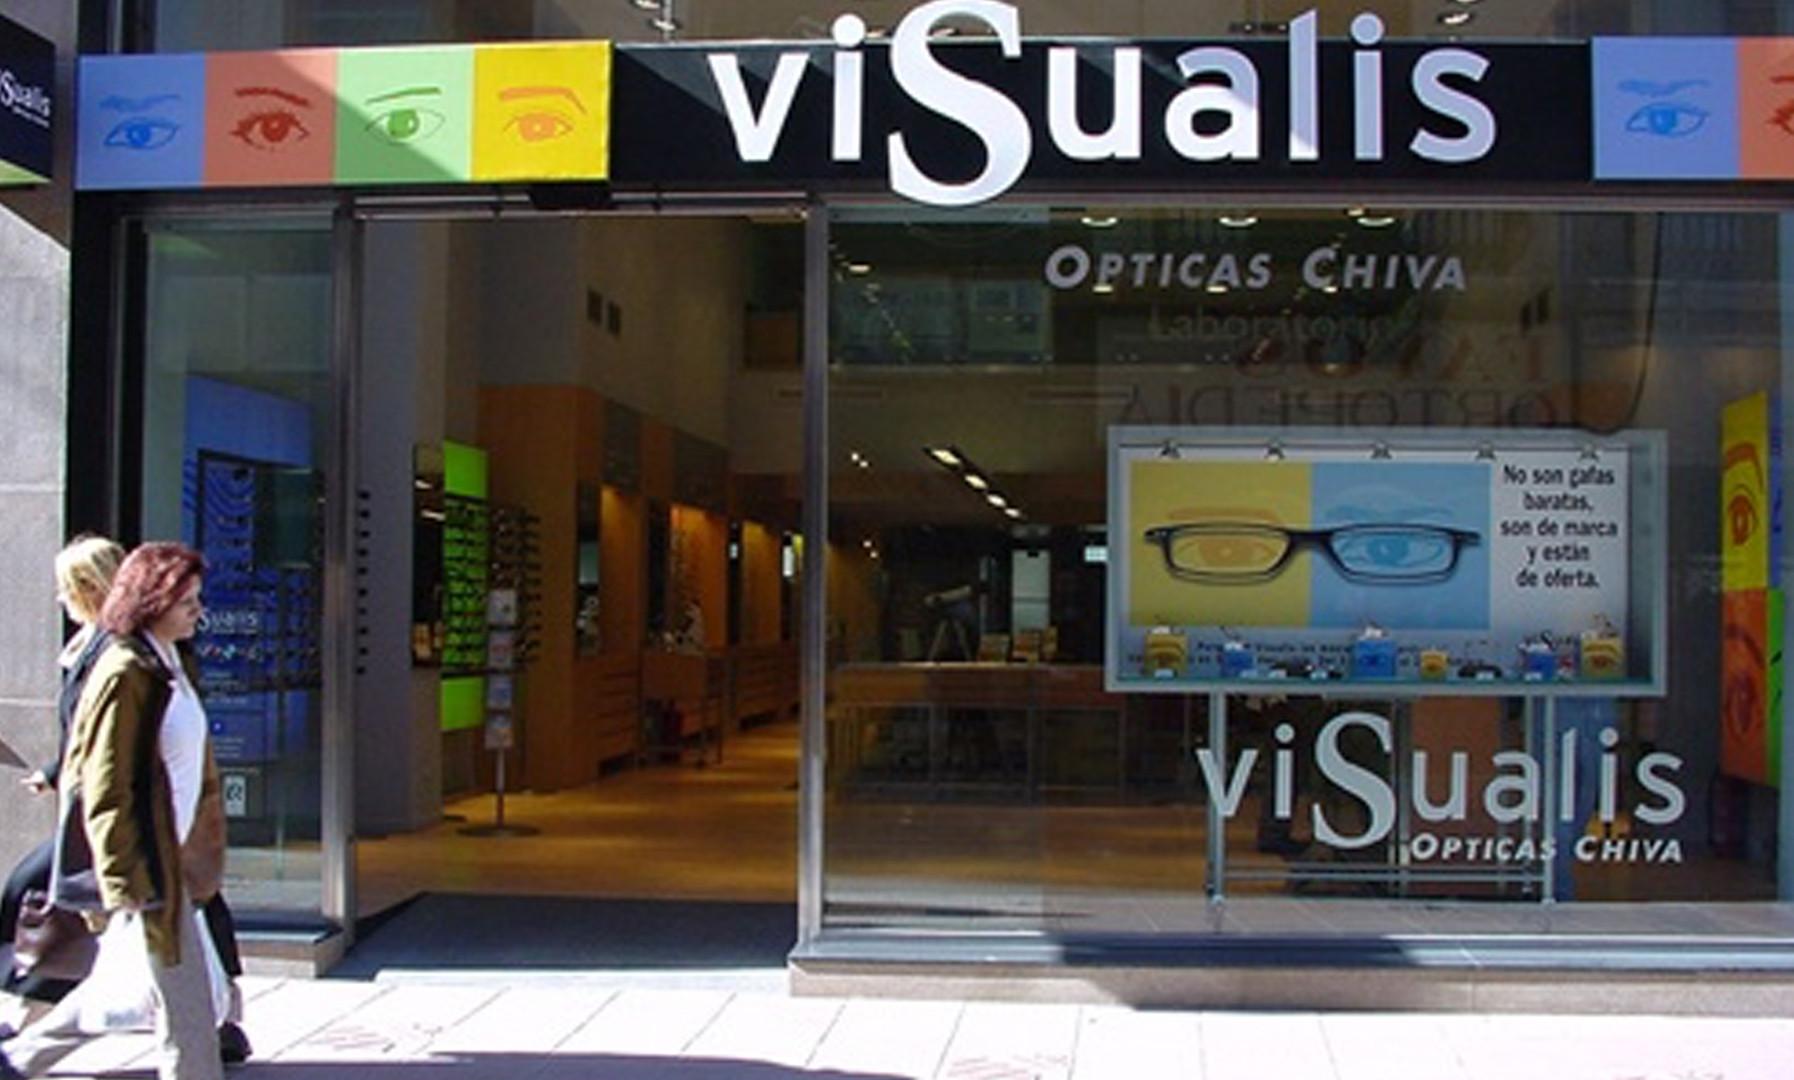 W VISUALIS_07.jpg